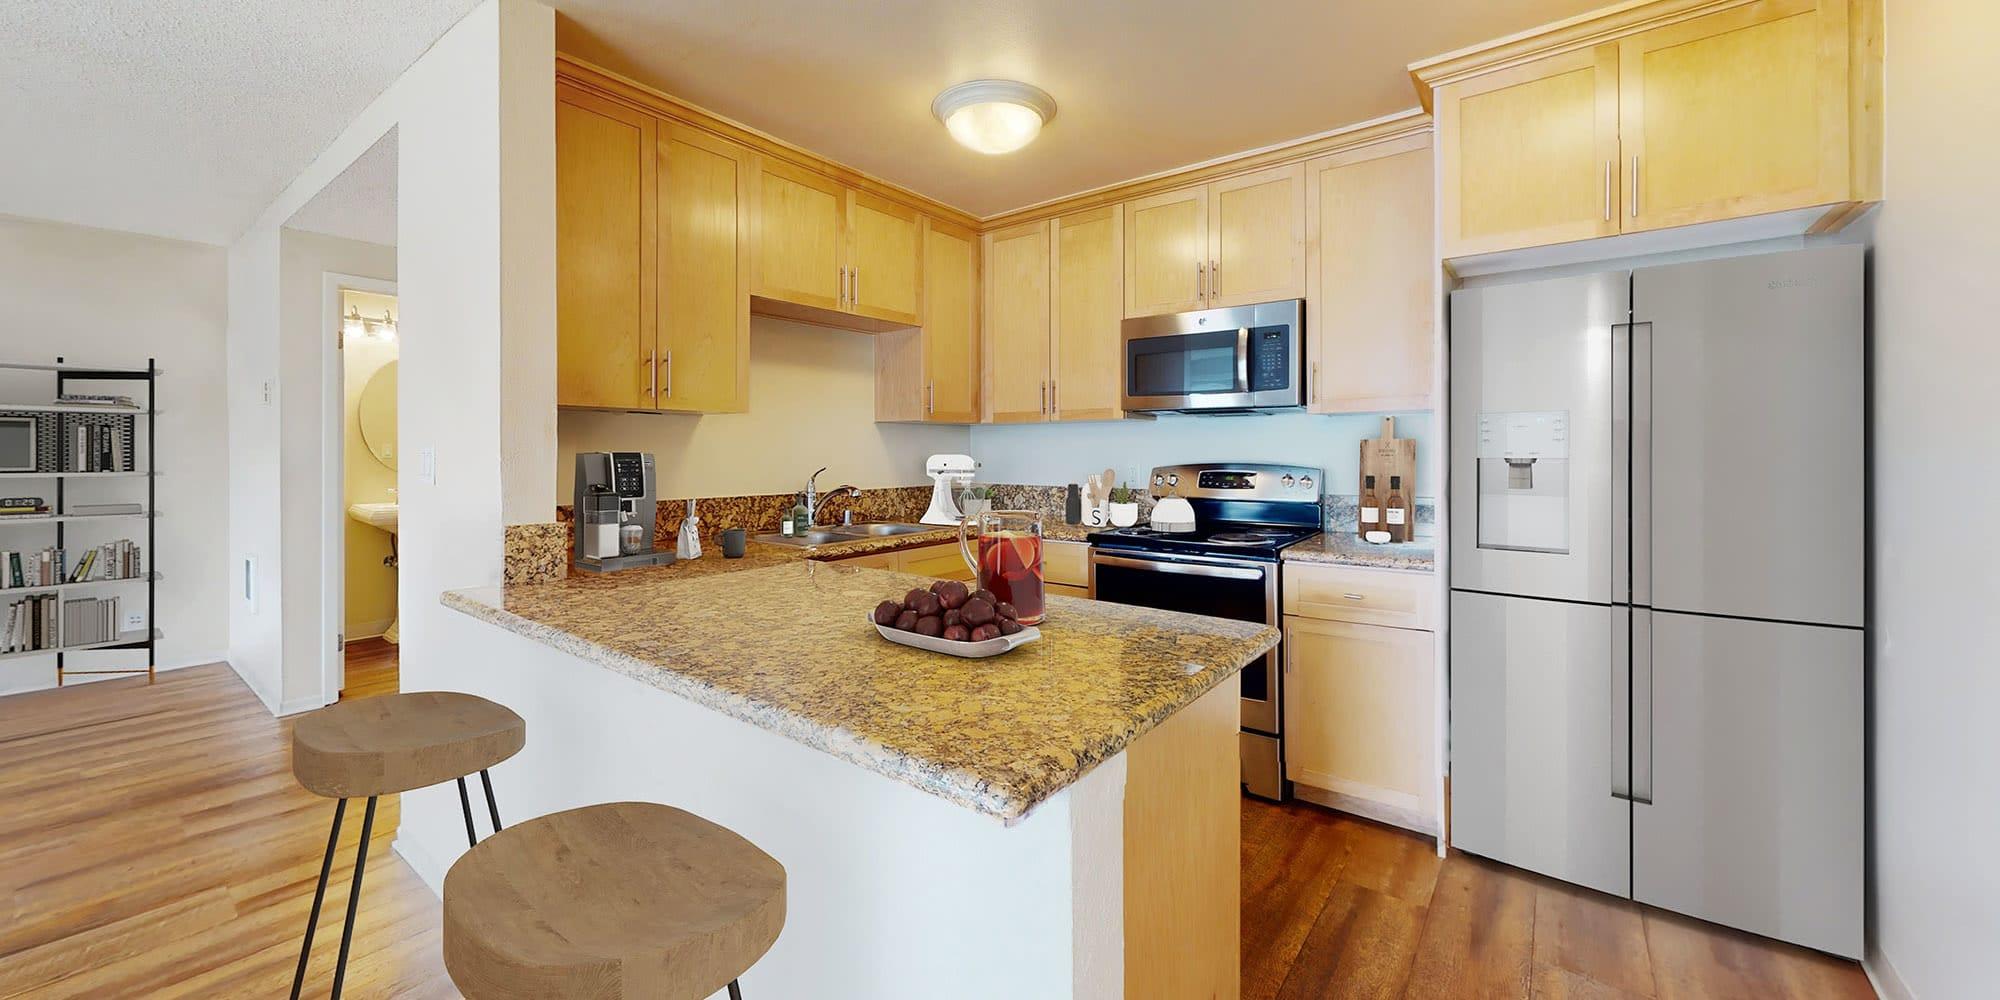 Kitchen at The Tides at Marina Harbor in Marina del Rey, California